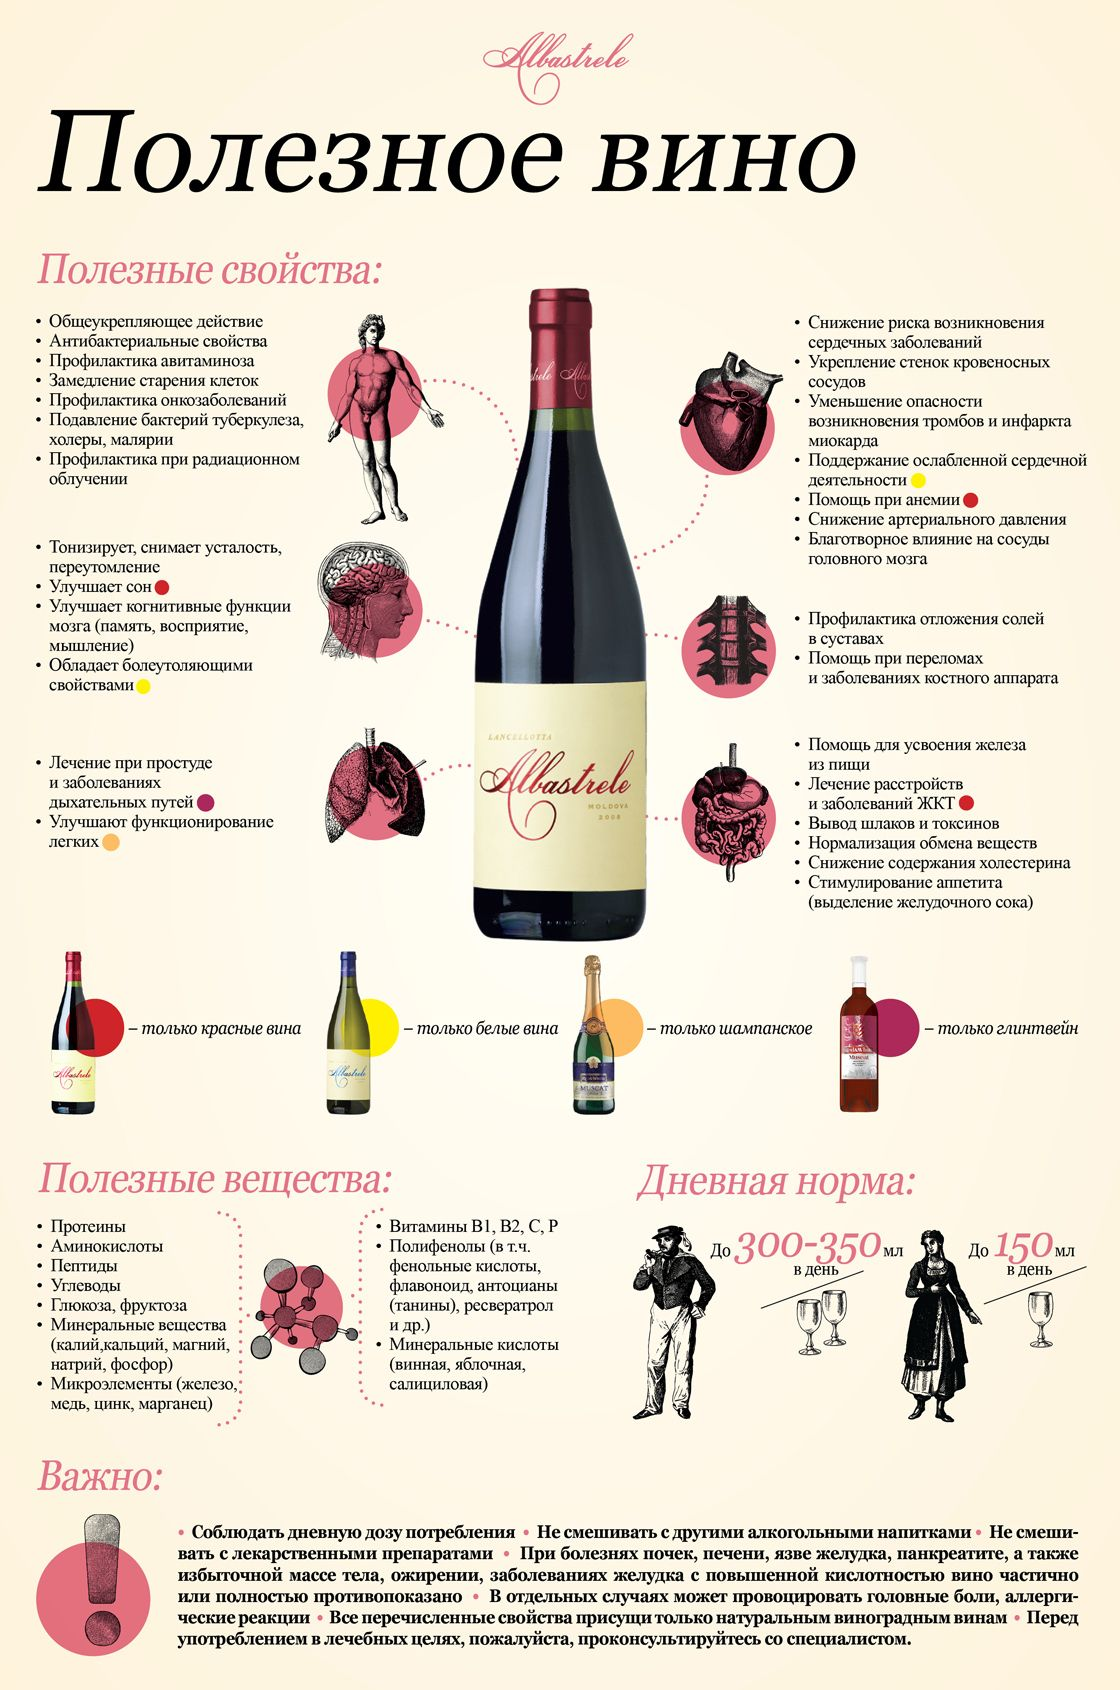 The Benefits of Wines. Wine Infographics by Albastrele Wines. | Польза вина, инфографика Albastrele Wines